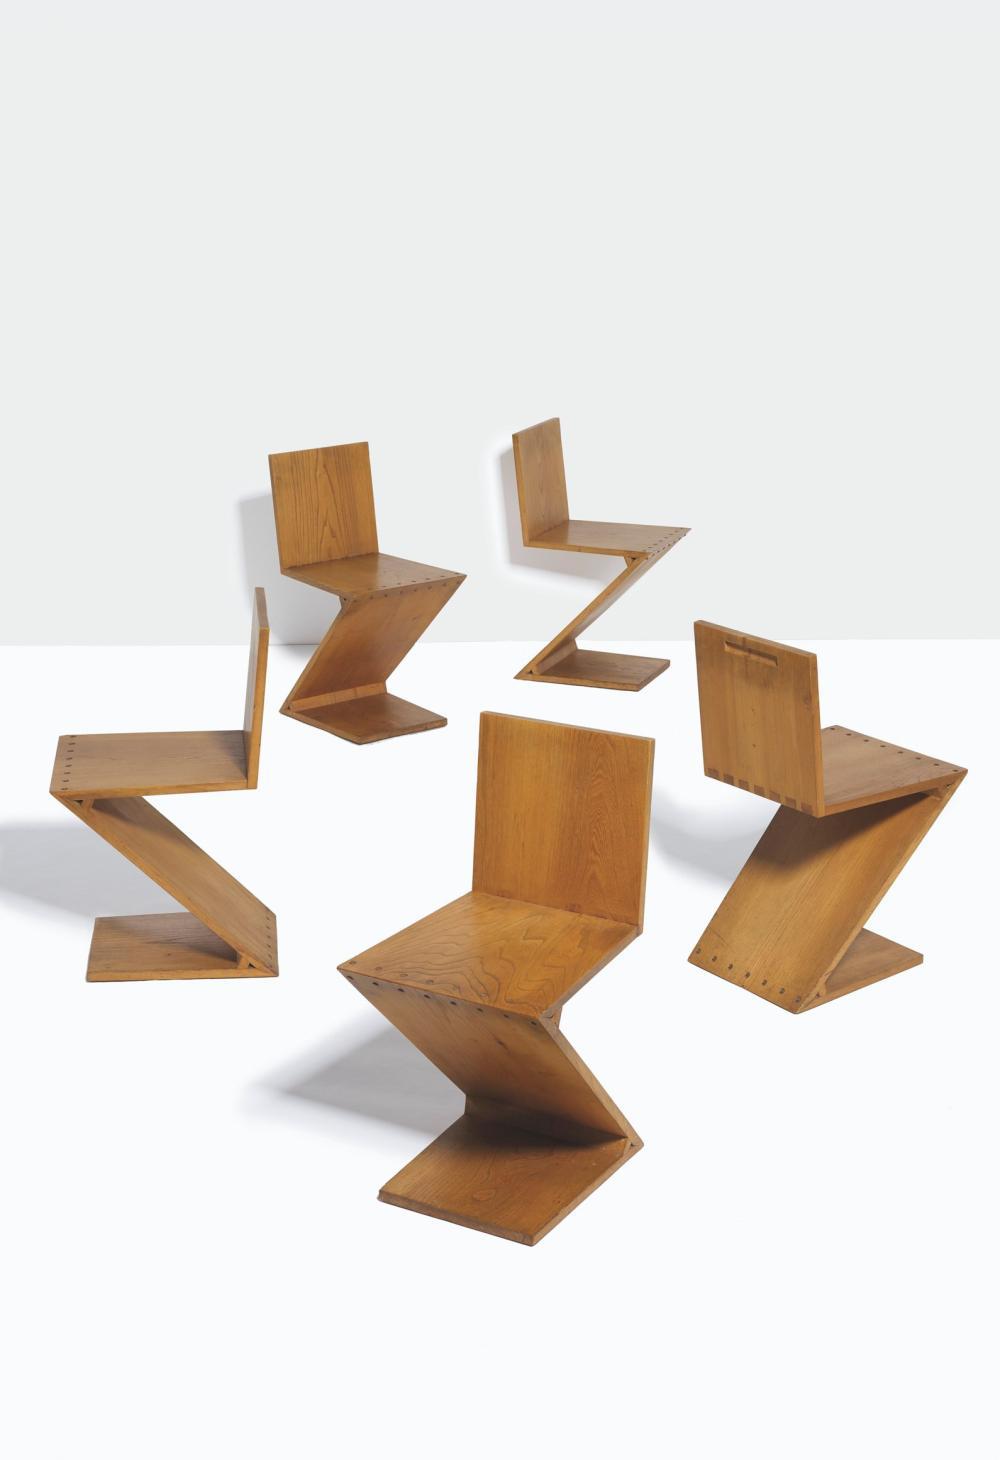 Prodotte da giorgetti, si tratta di un set di 6 sedie con schienale alto realizzate in legno di faggio lucido e ciliegio chiaro. Gerrit Rietveld Paintings Artwork For Sale Gerrit Rietveld Art Value Price Guide